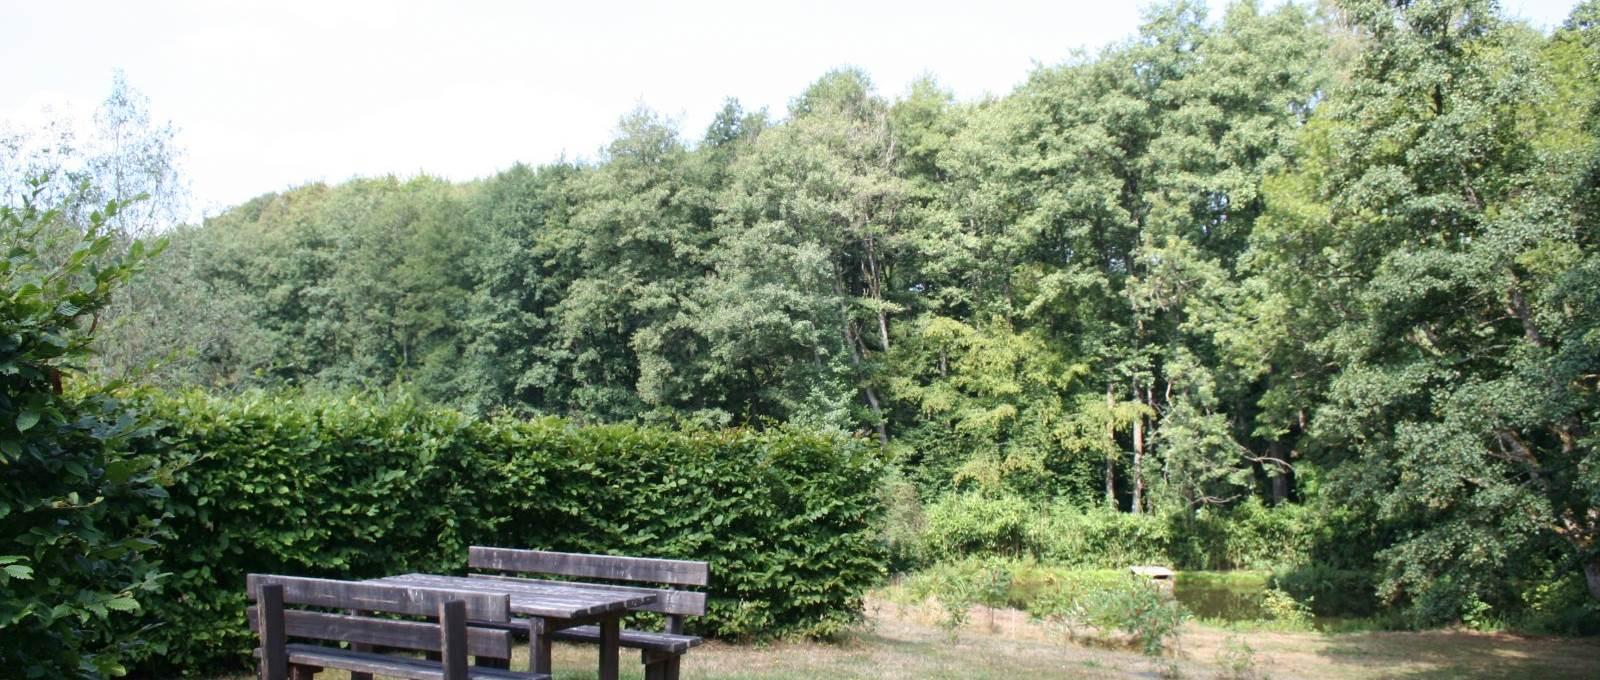 Un pique nique au bord de l'étang « La Landre », si vous le désirez, nous mettons un barbecue à votre disposition.  Chambres et table d'Hôtes « La Landre » la Vôge les Bains, Bains les Bains, Le Clerjus.